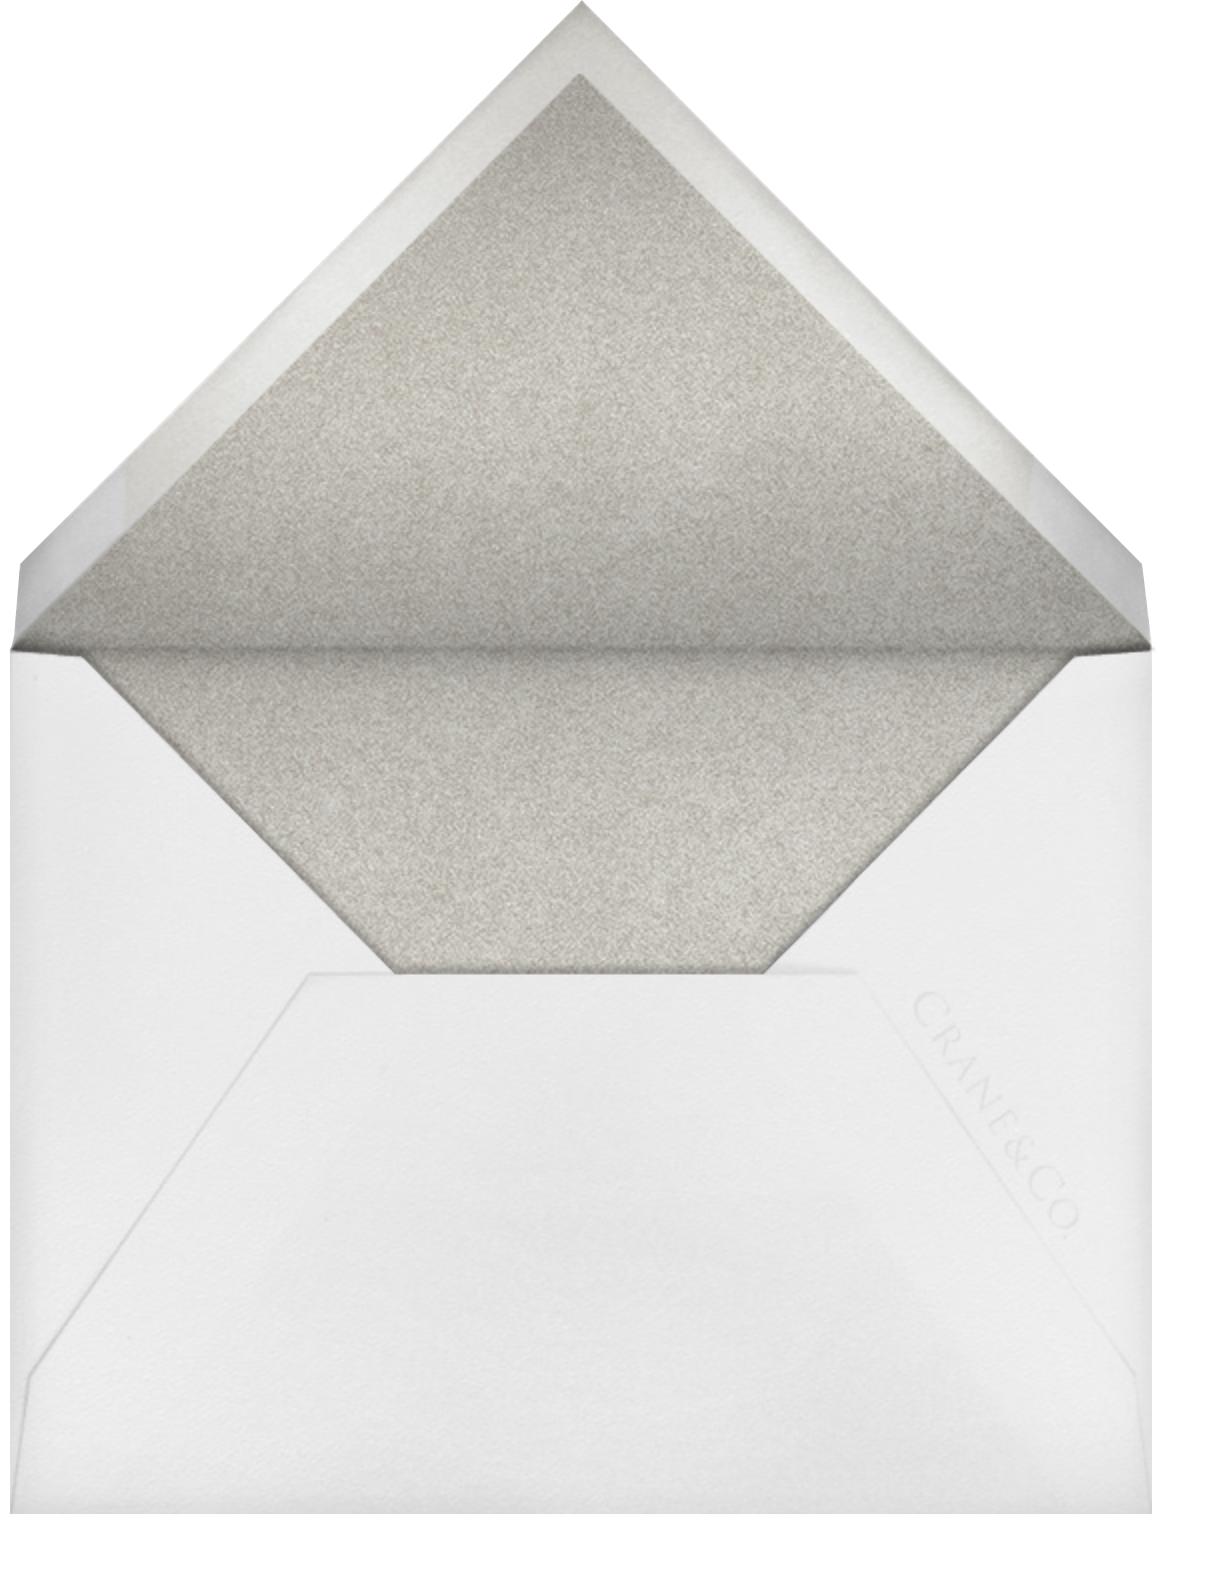 Stitched Floral - Platinum - Oscar de la Renta - All - envelope back